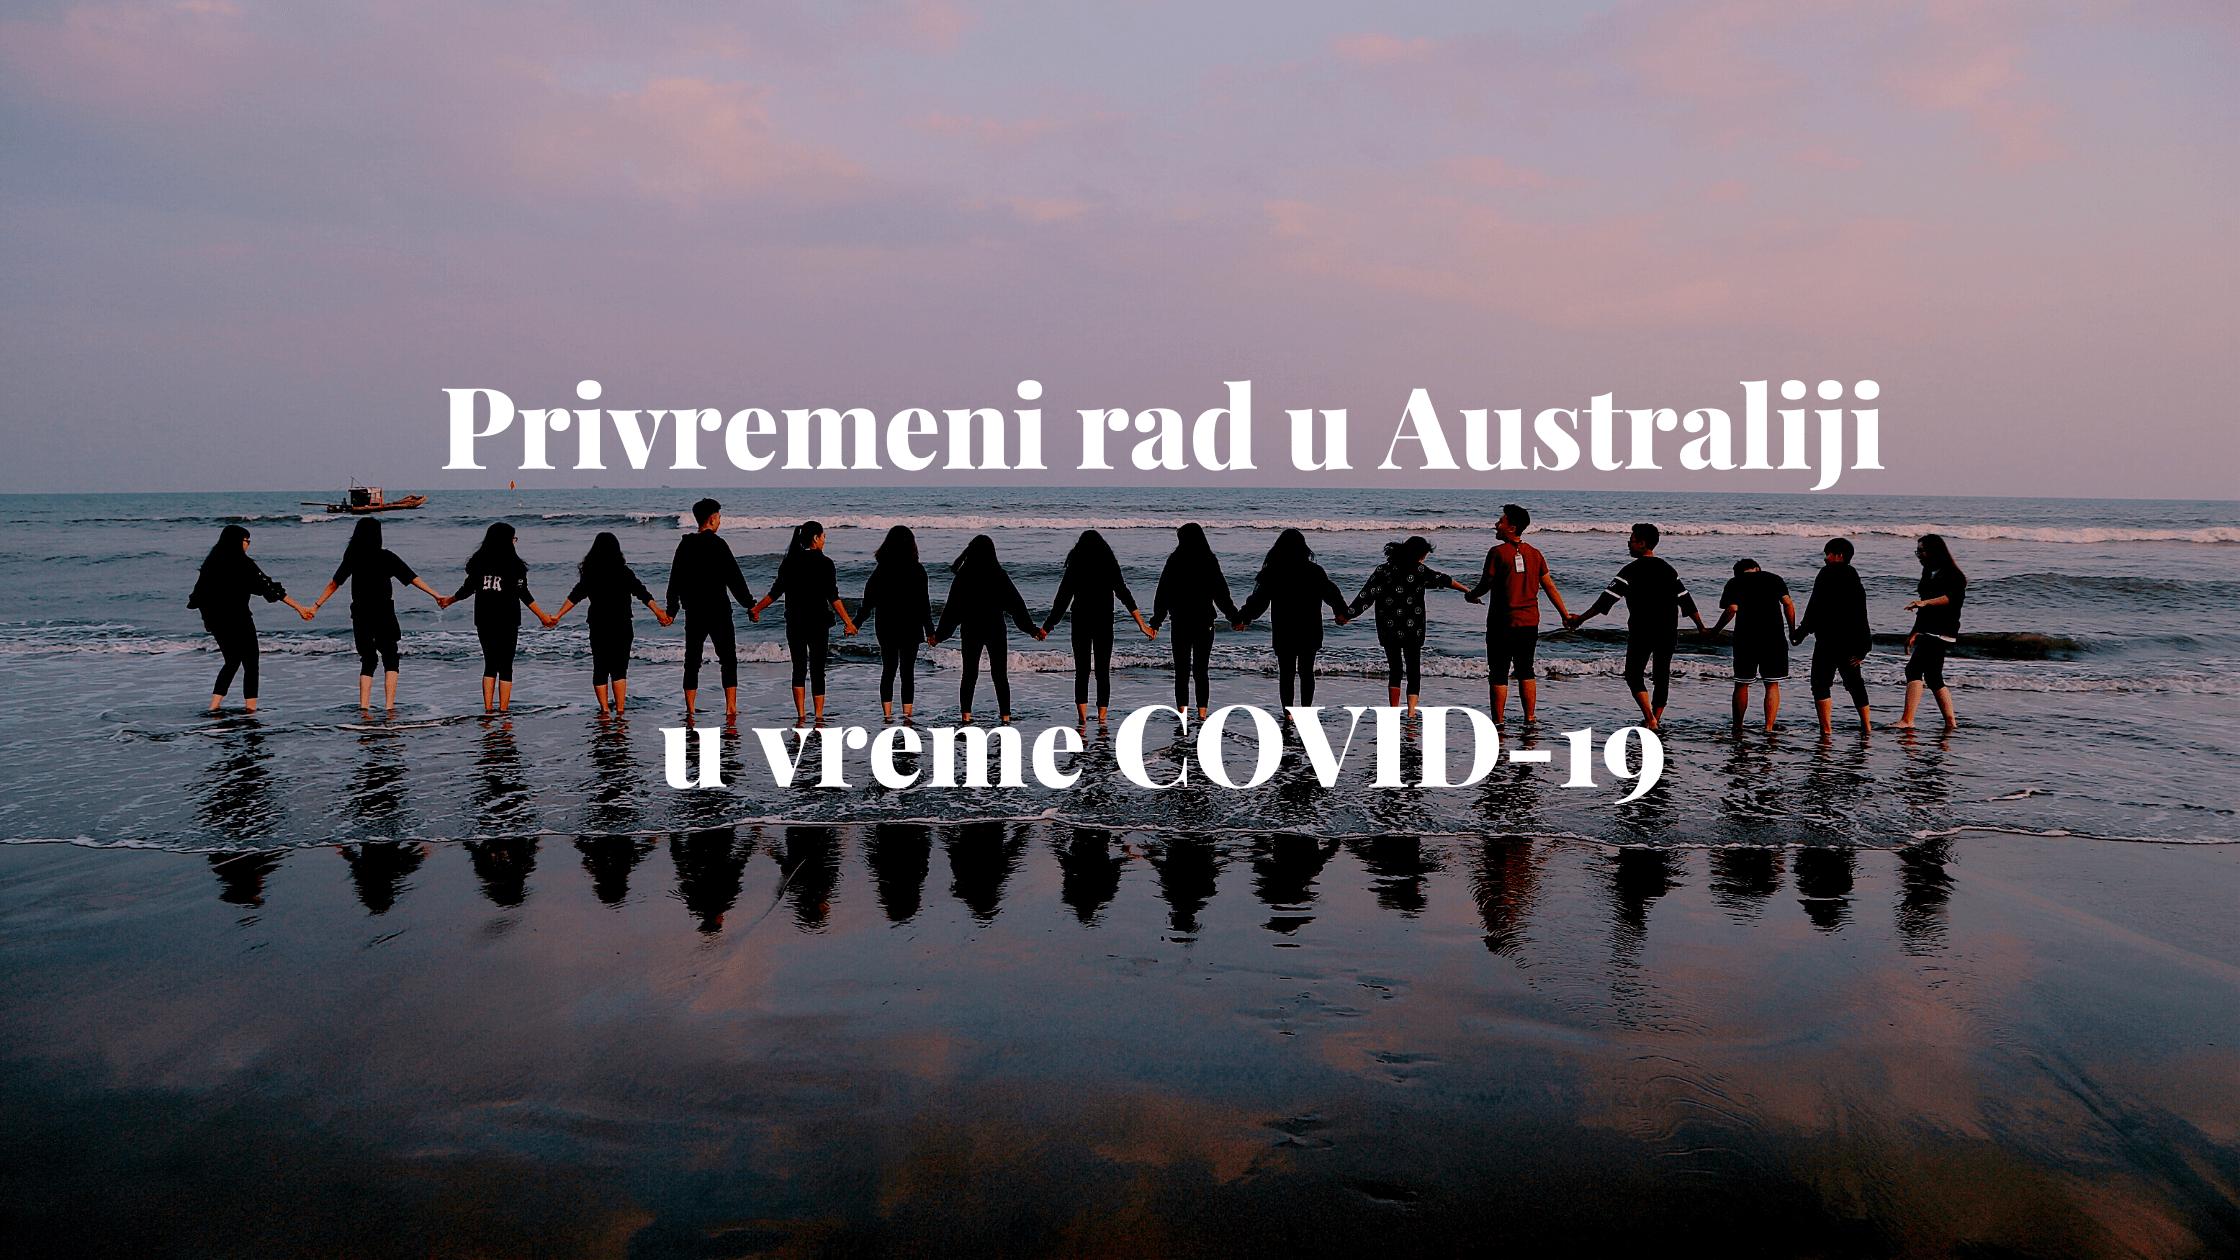 Privremeni rad u Australiji u vreme COVID-19 2